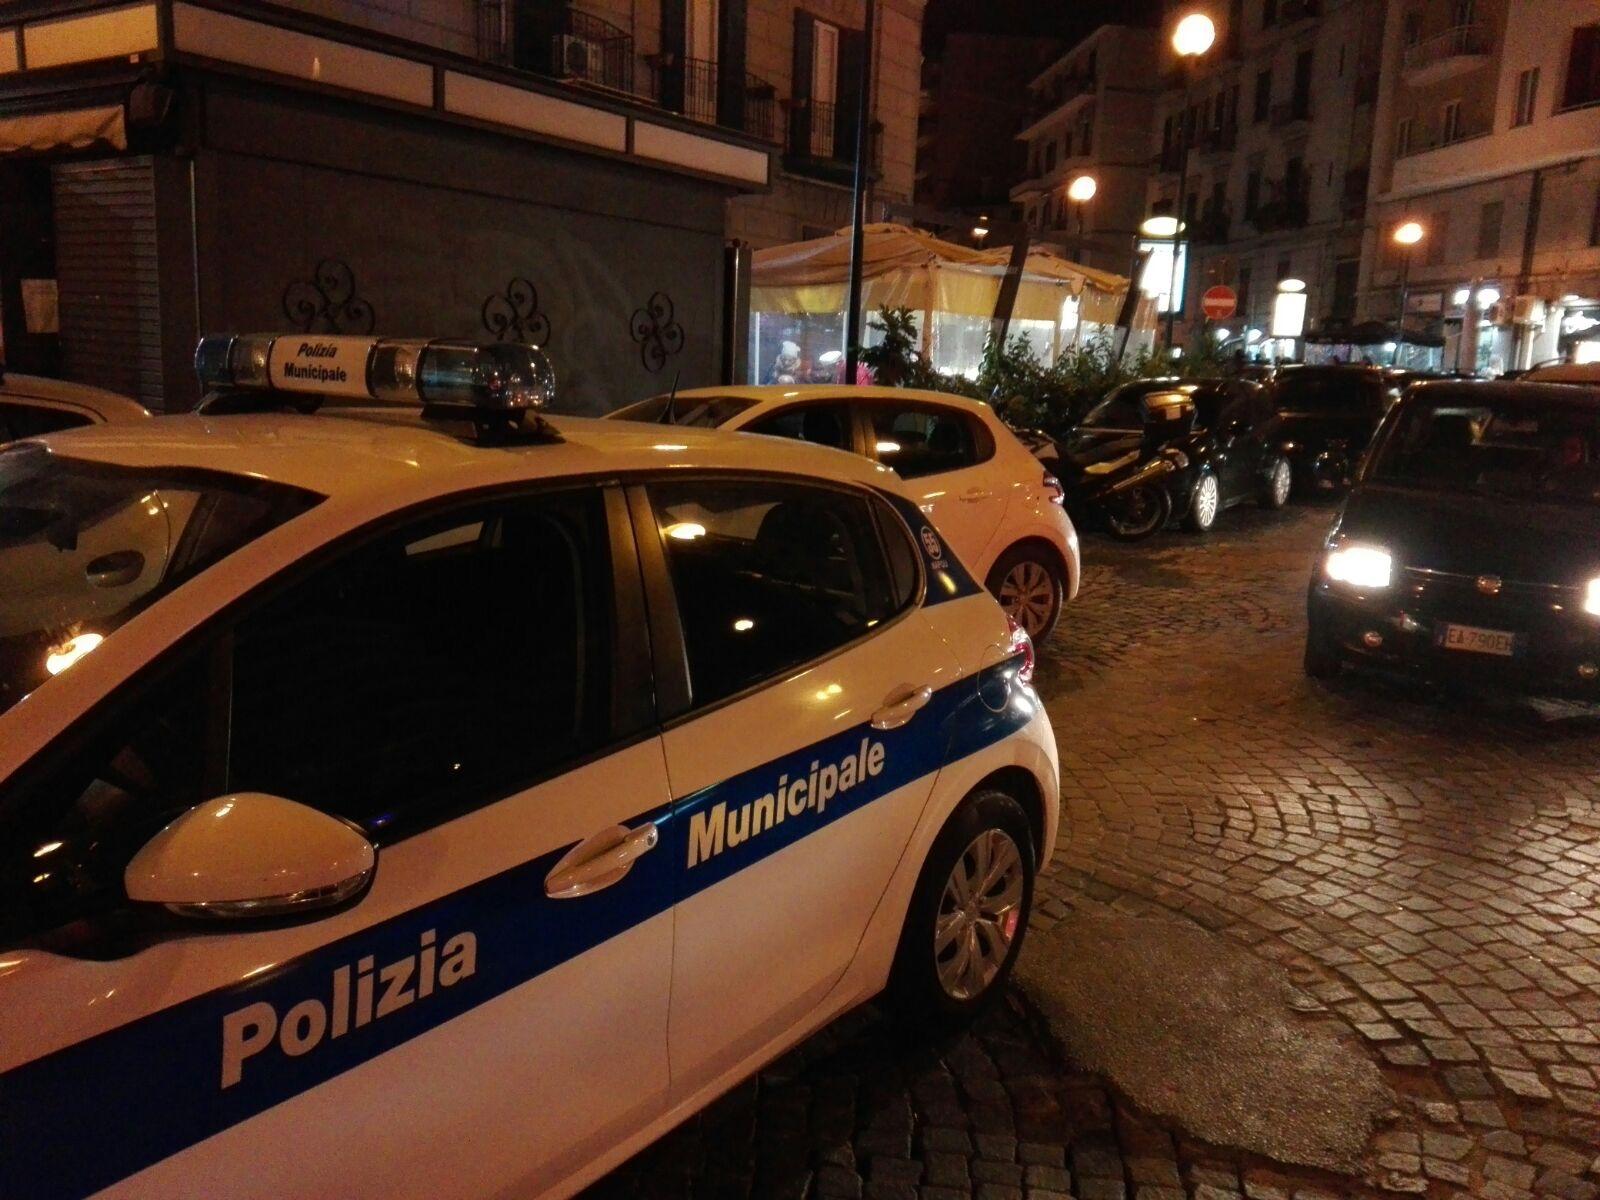 Controlli continui  e presidi in zone movida napoletana. da parte della Polizia Locale.